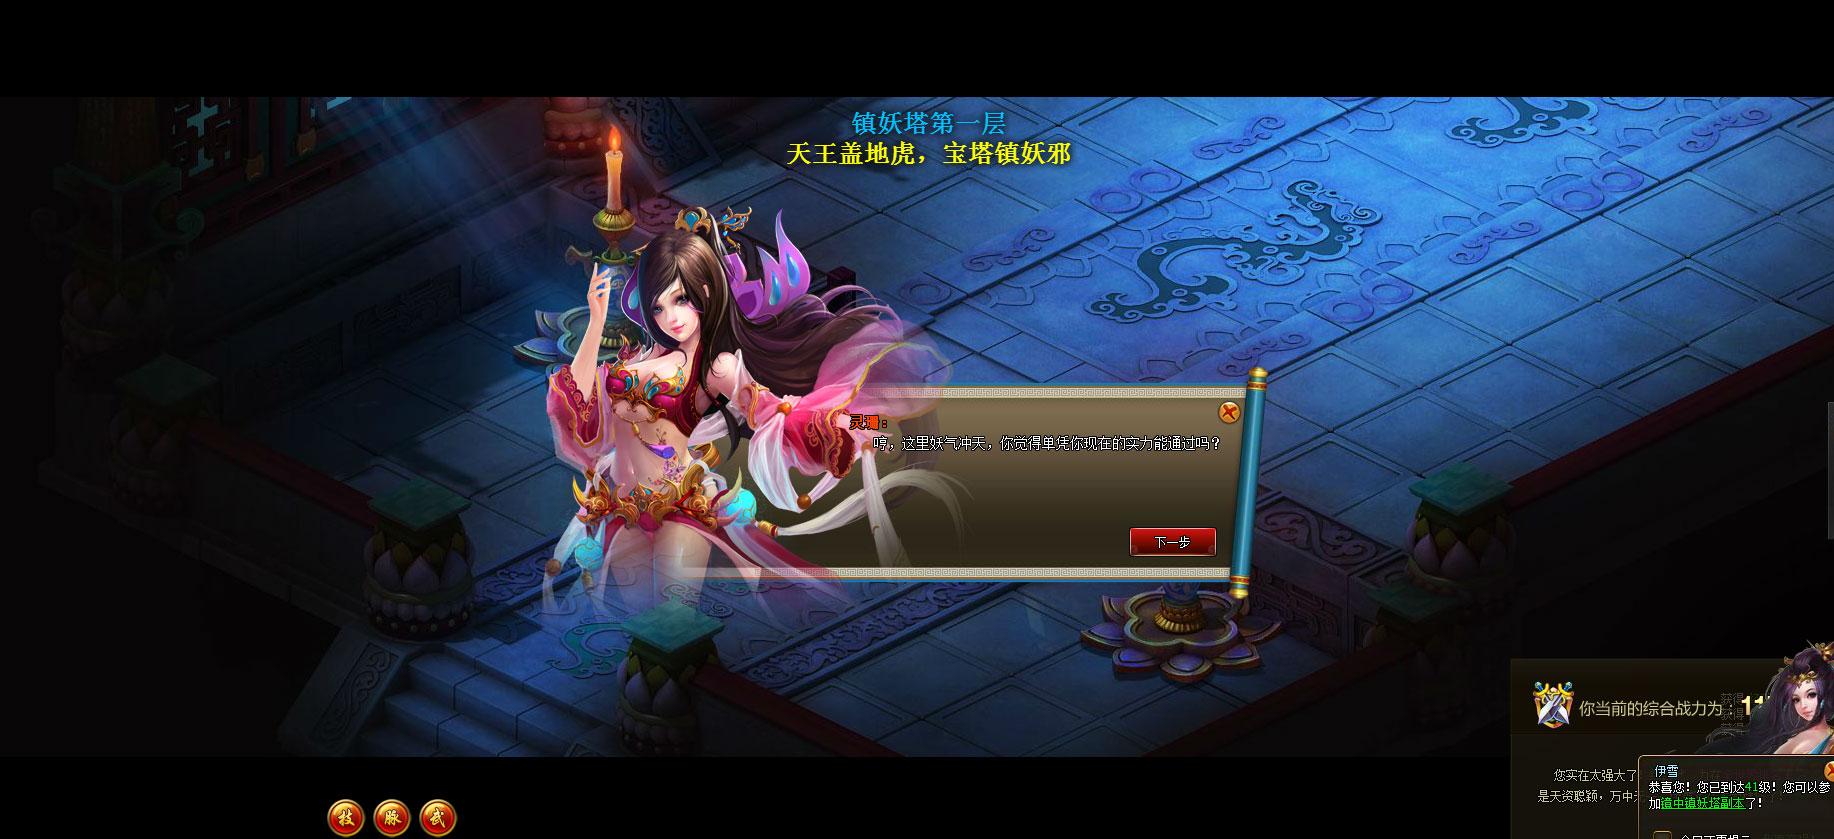 《梦回仙境》游戏截图